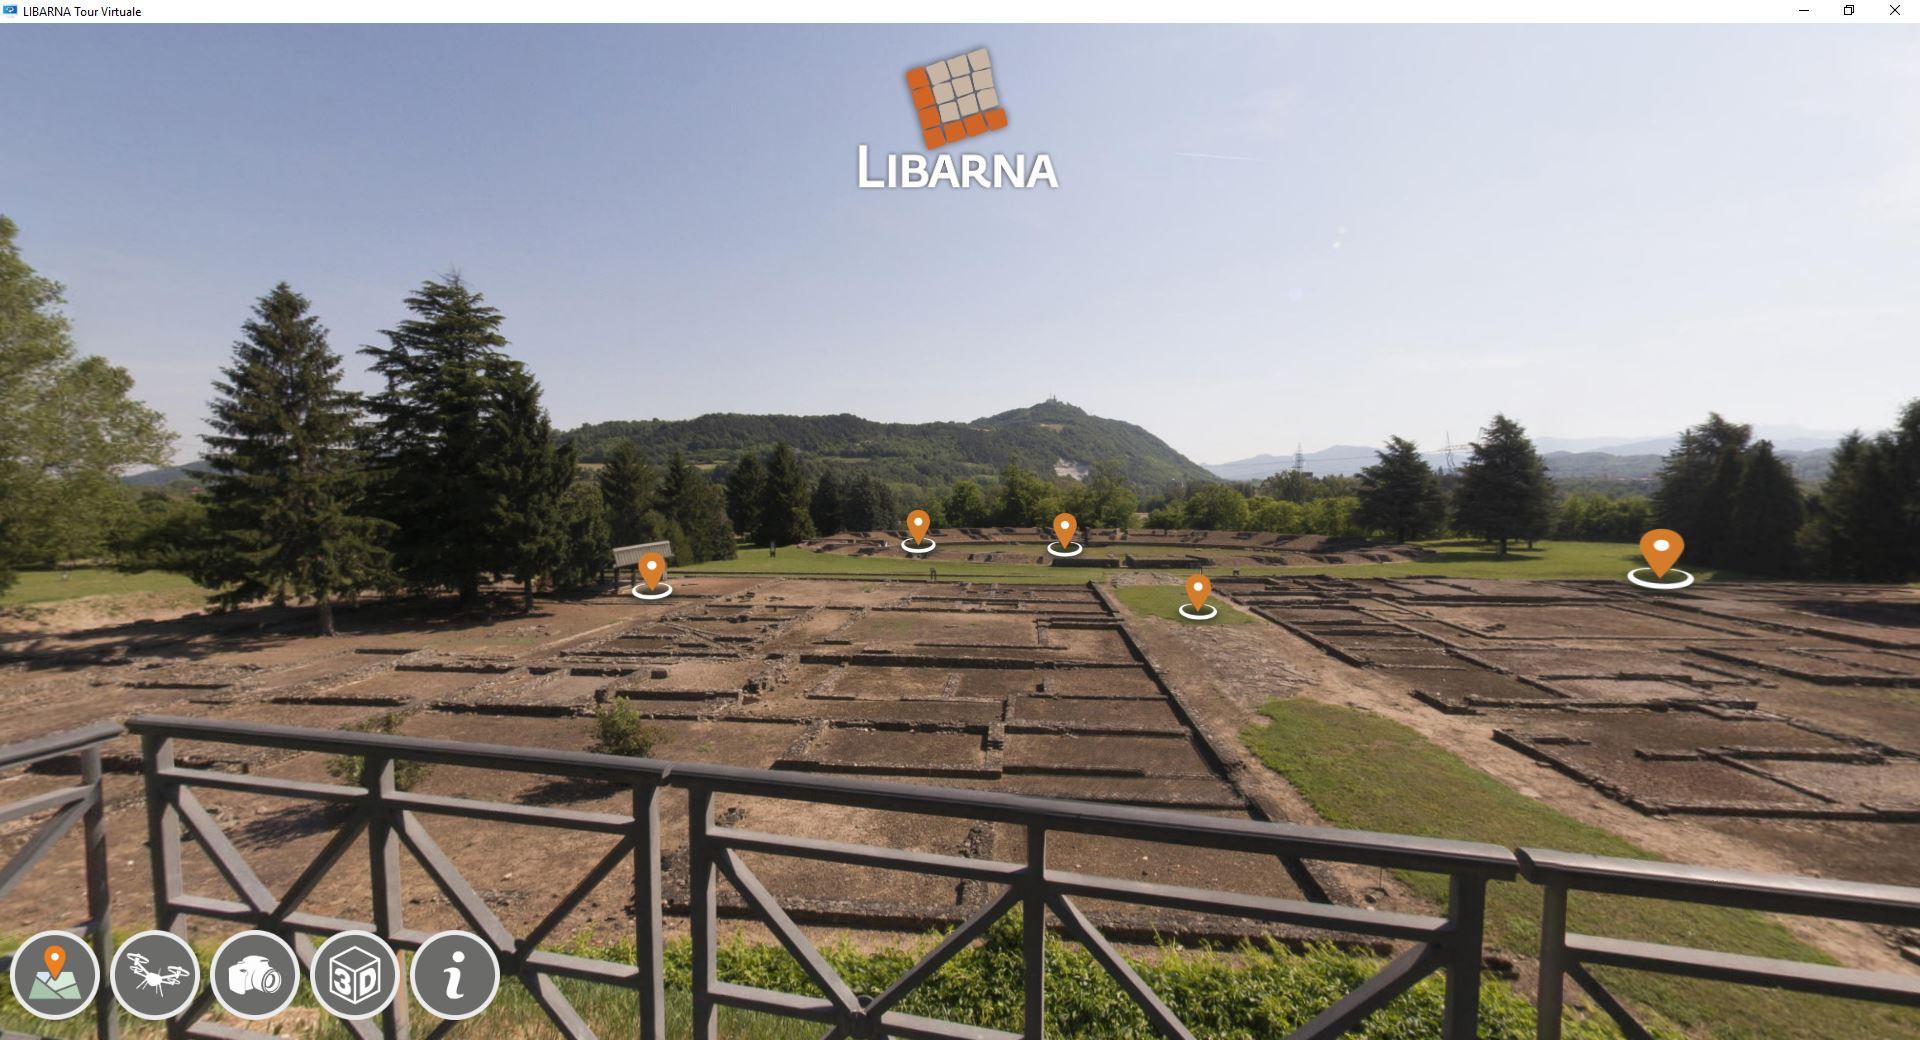 Libarna: Tour virtuale nella città romana